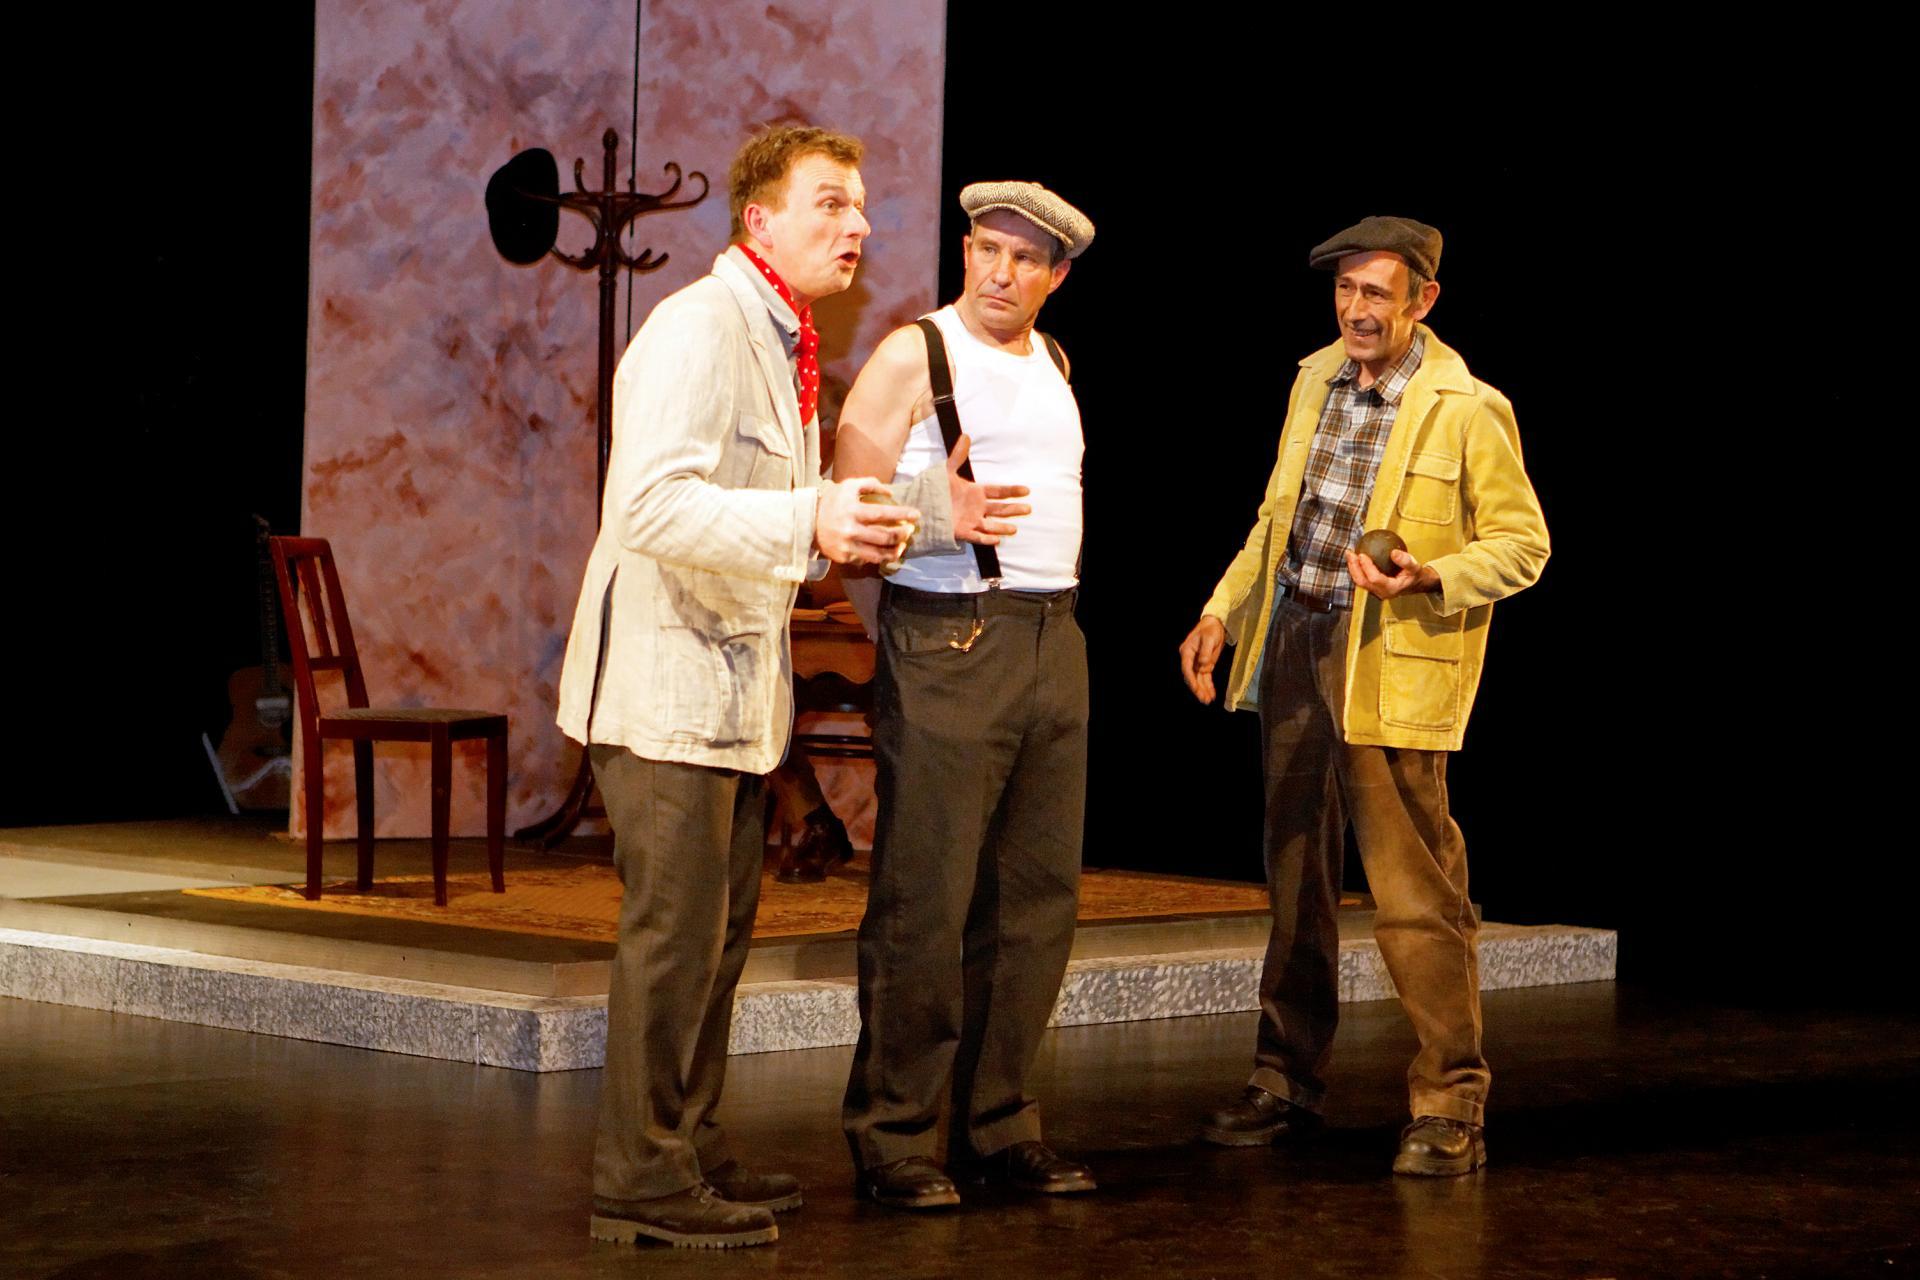 Mike, Eddie, Peter, dockers